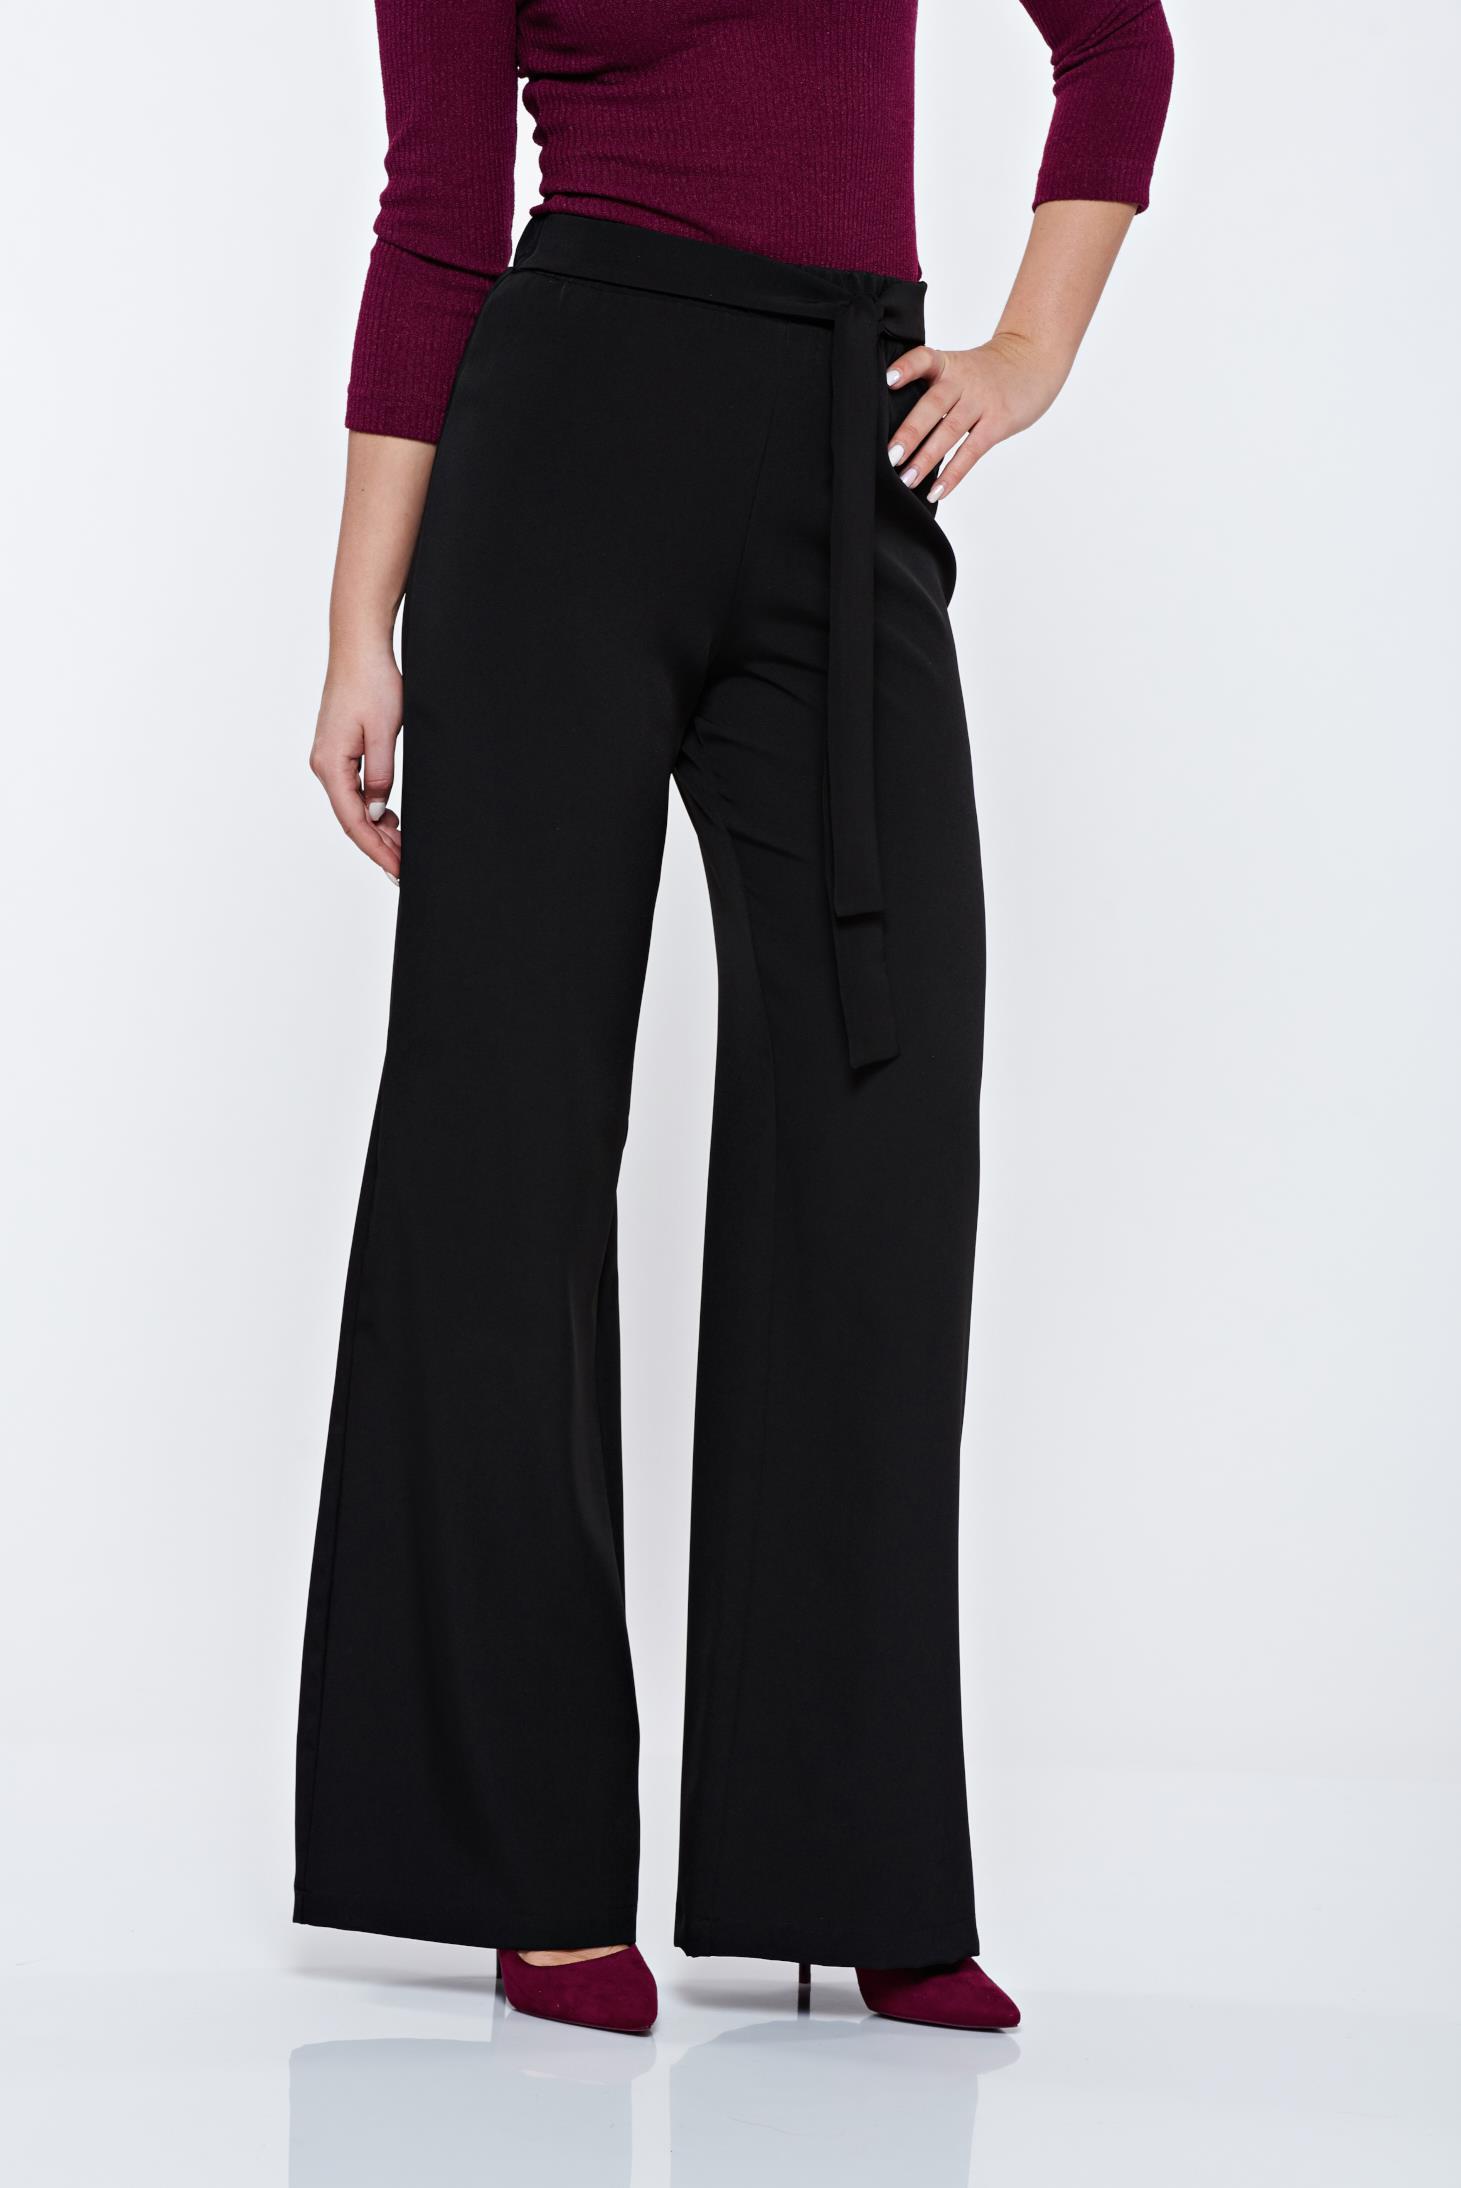 Pantaloni StarShinerS Timeless Romance negri eleganti cu croi larg accesorizati cu cordon